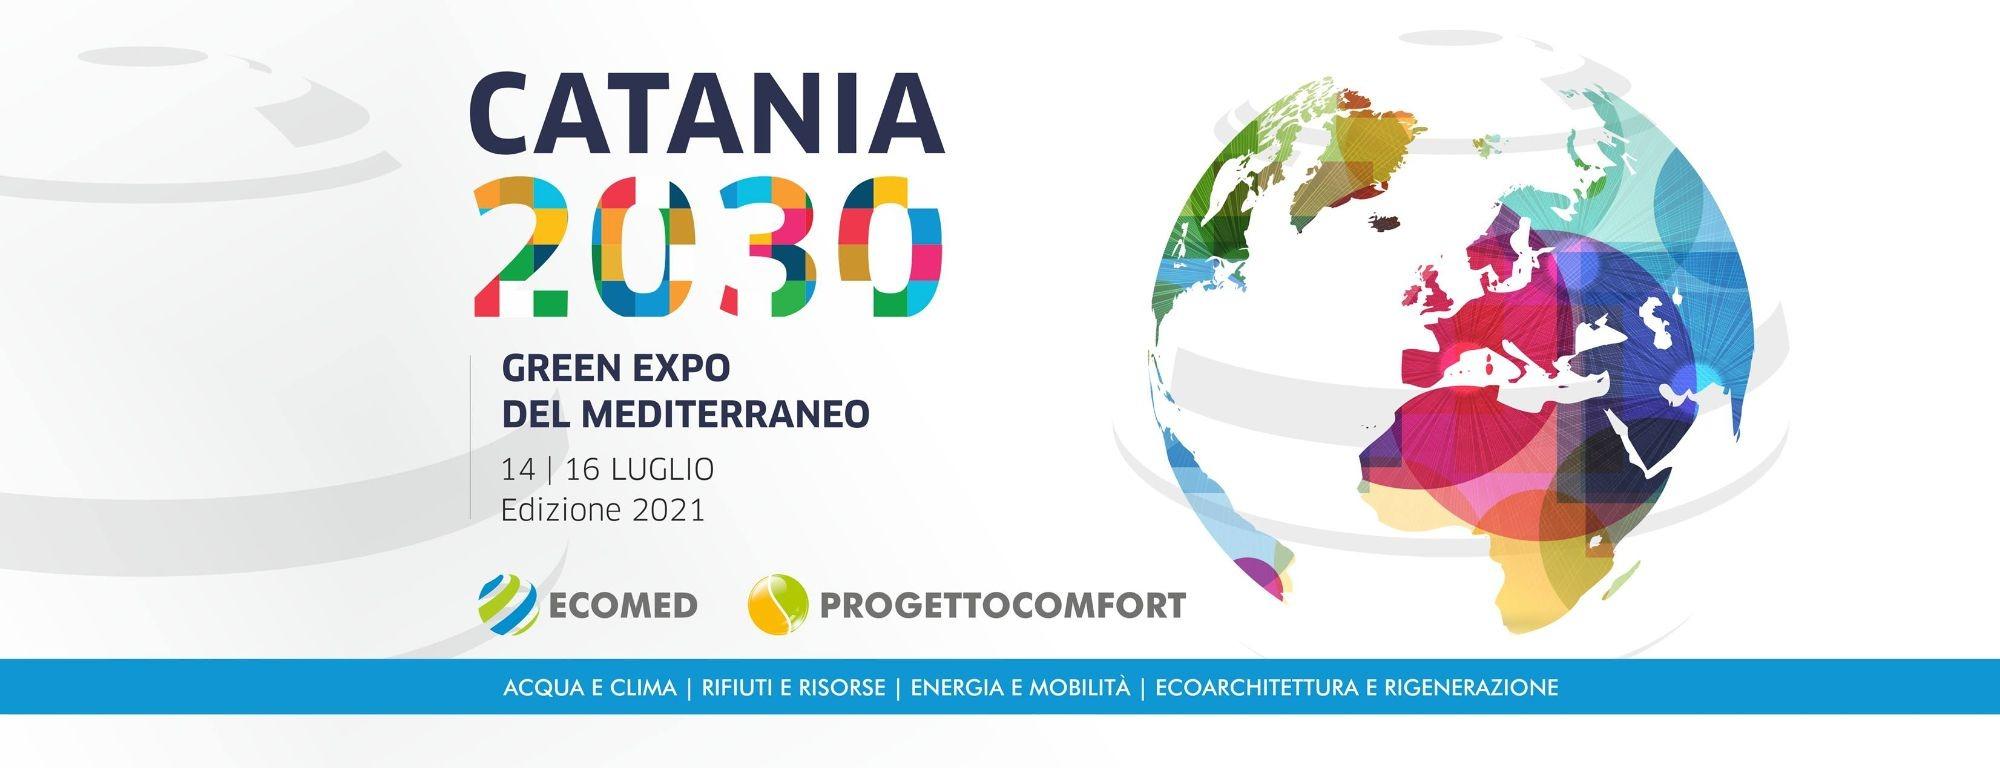 Catania al centro degli eventi internazionali con Catania 2030 - Green Expo del Mediterraneo